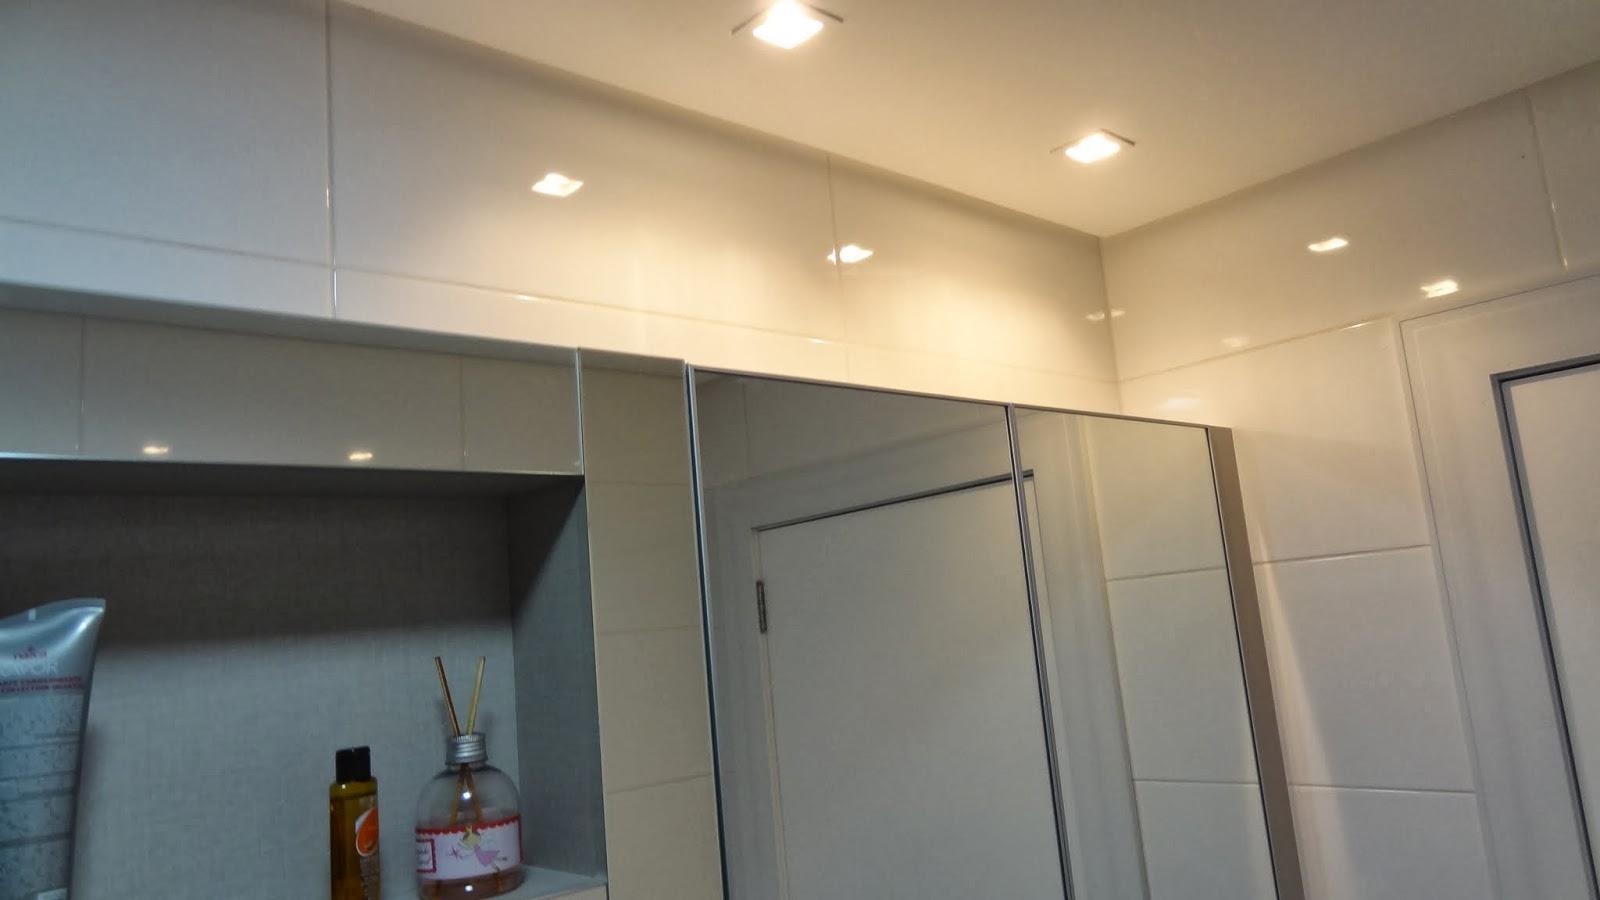 ao acabamento: Lavabo Social e Banheiro da Suíte Casal Reta final #AA7822 1600x900 Acessorios Banheiro Perflex